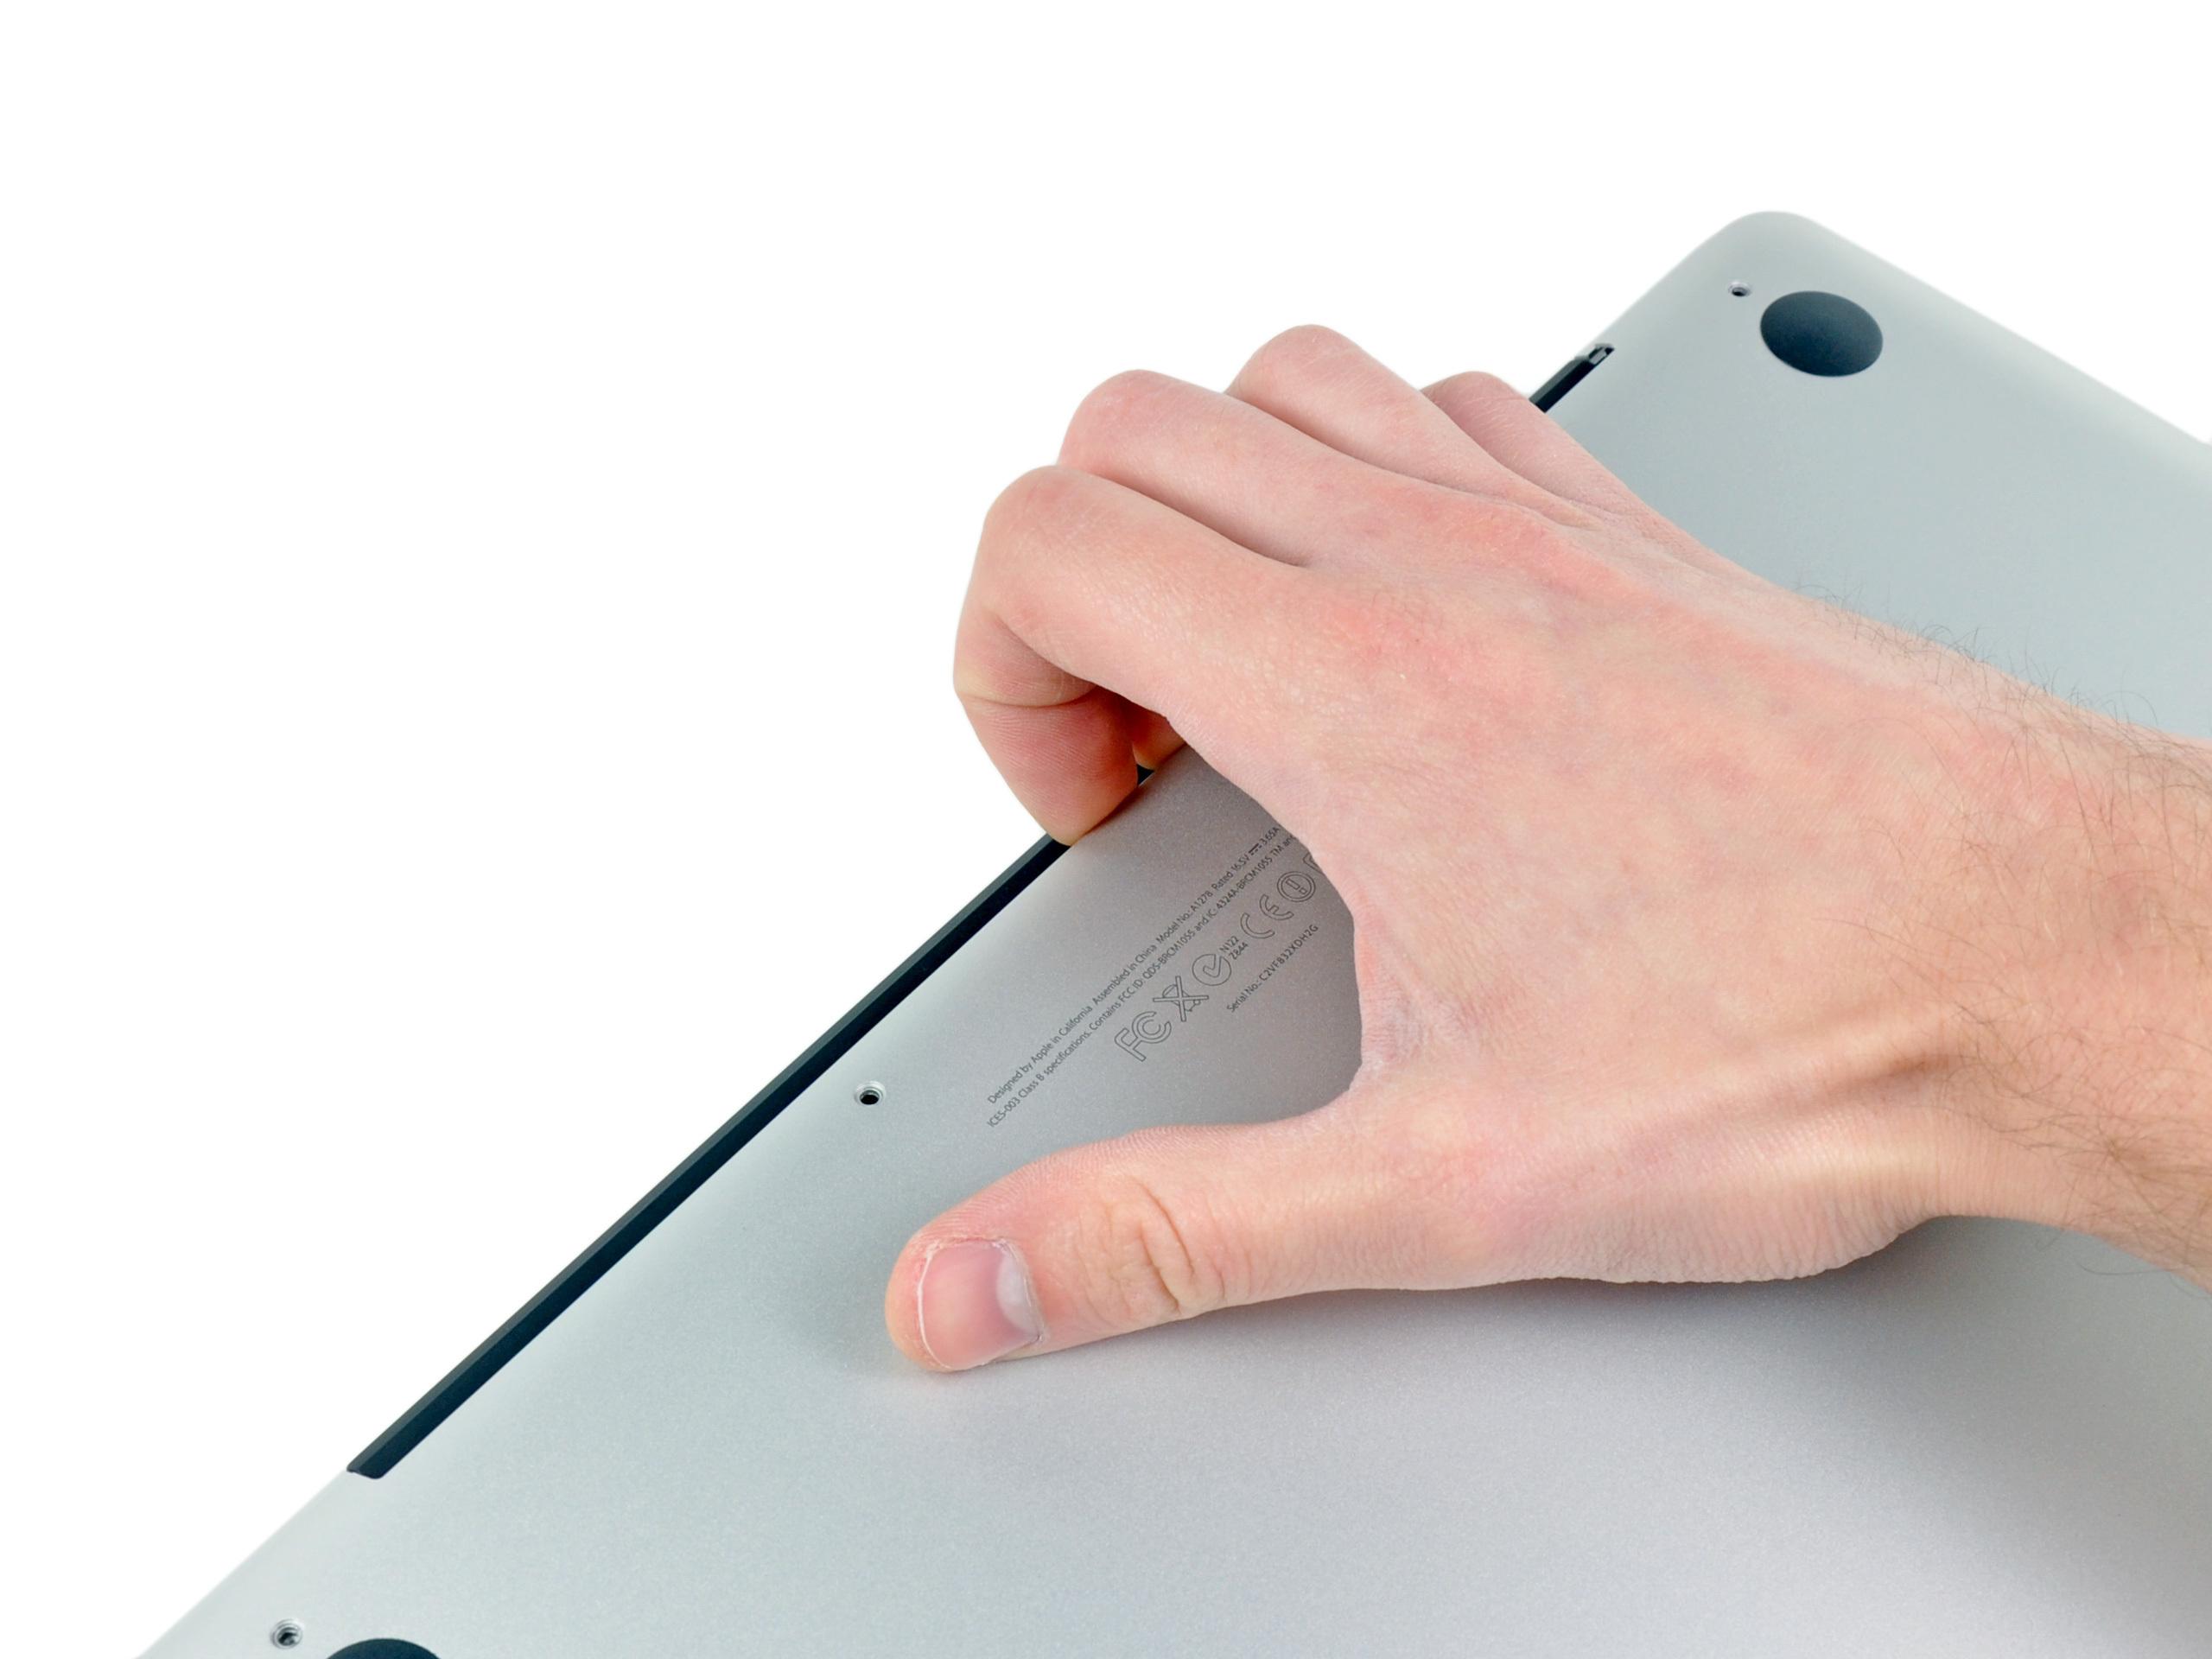 Paso 2 Use sus dedos para extraer la caja inferior del cuerpo de la MacBook cerca de la ventilación. Retire la caja inferior.